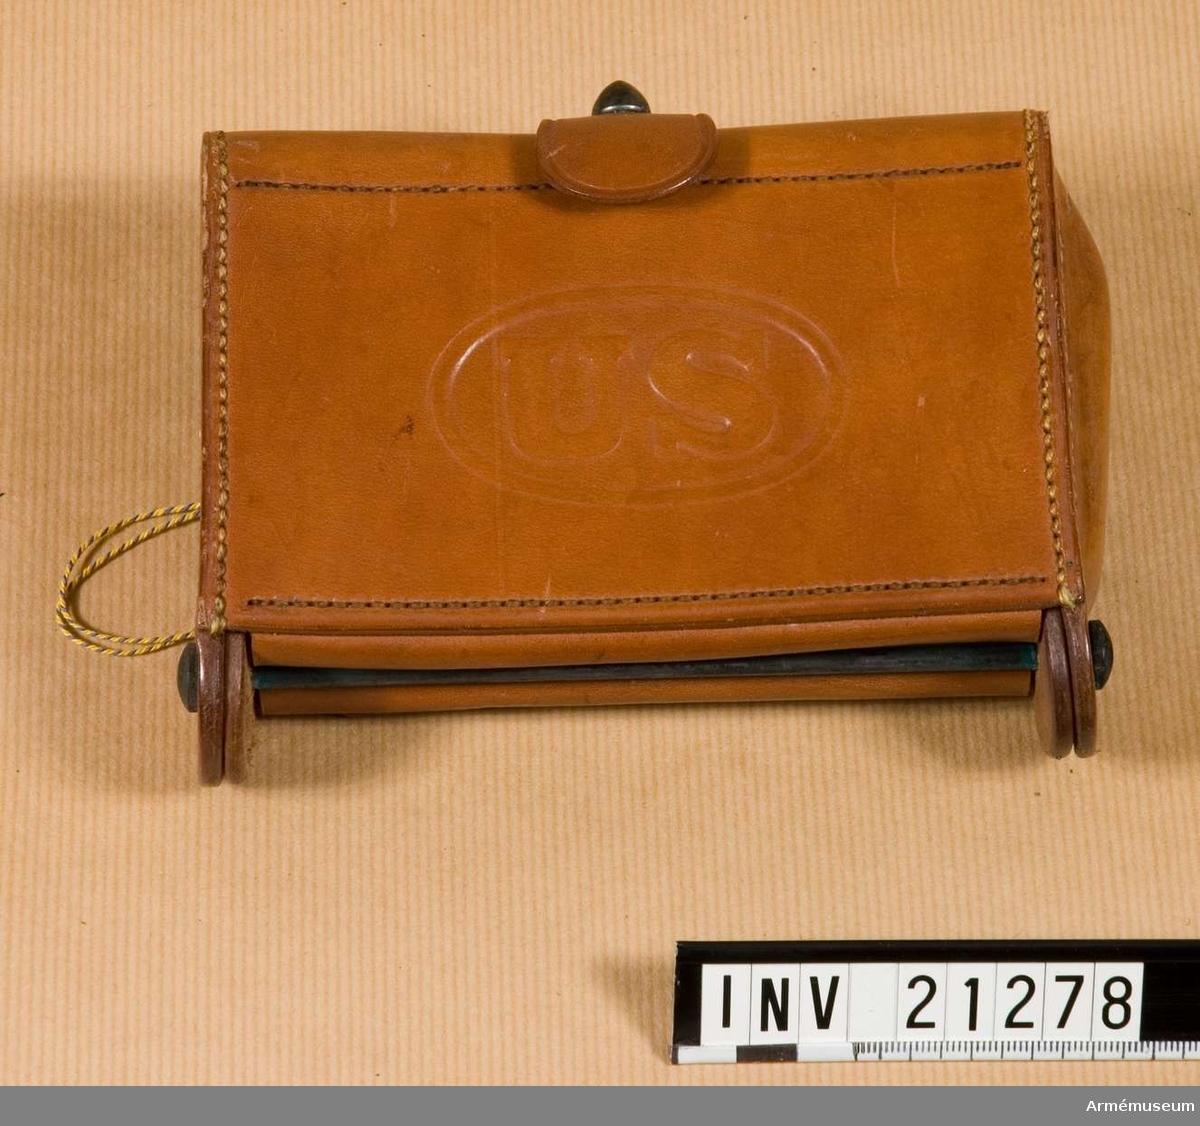 """Grupp C II. Av ofärgat läder för 20 gevärspatroner, som består av två delar. 1) En knapp av gulmetall och med stämpel på yttre sidan """"W.S"""". 2) Den andra med fastsydd läderbit med knapphål för att stänga vÄskan. På väskans baksida finns två hylsor av samma läder för att fästa den vid livrem. Inuti väskan finns fästen för 20 patroner (10 i var del) av tyg. På väskans H sida finns stämpel """"Rockisland Arsenal 1909 T.C.C."""""""